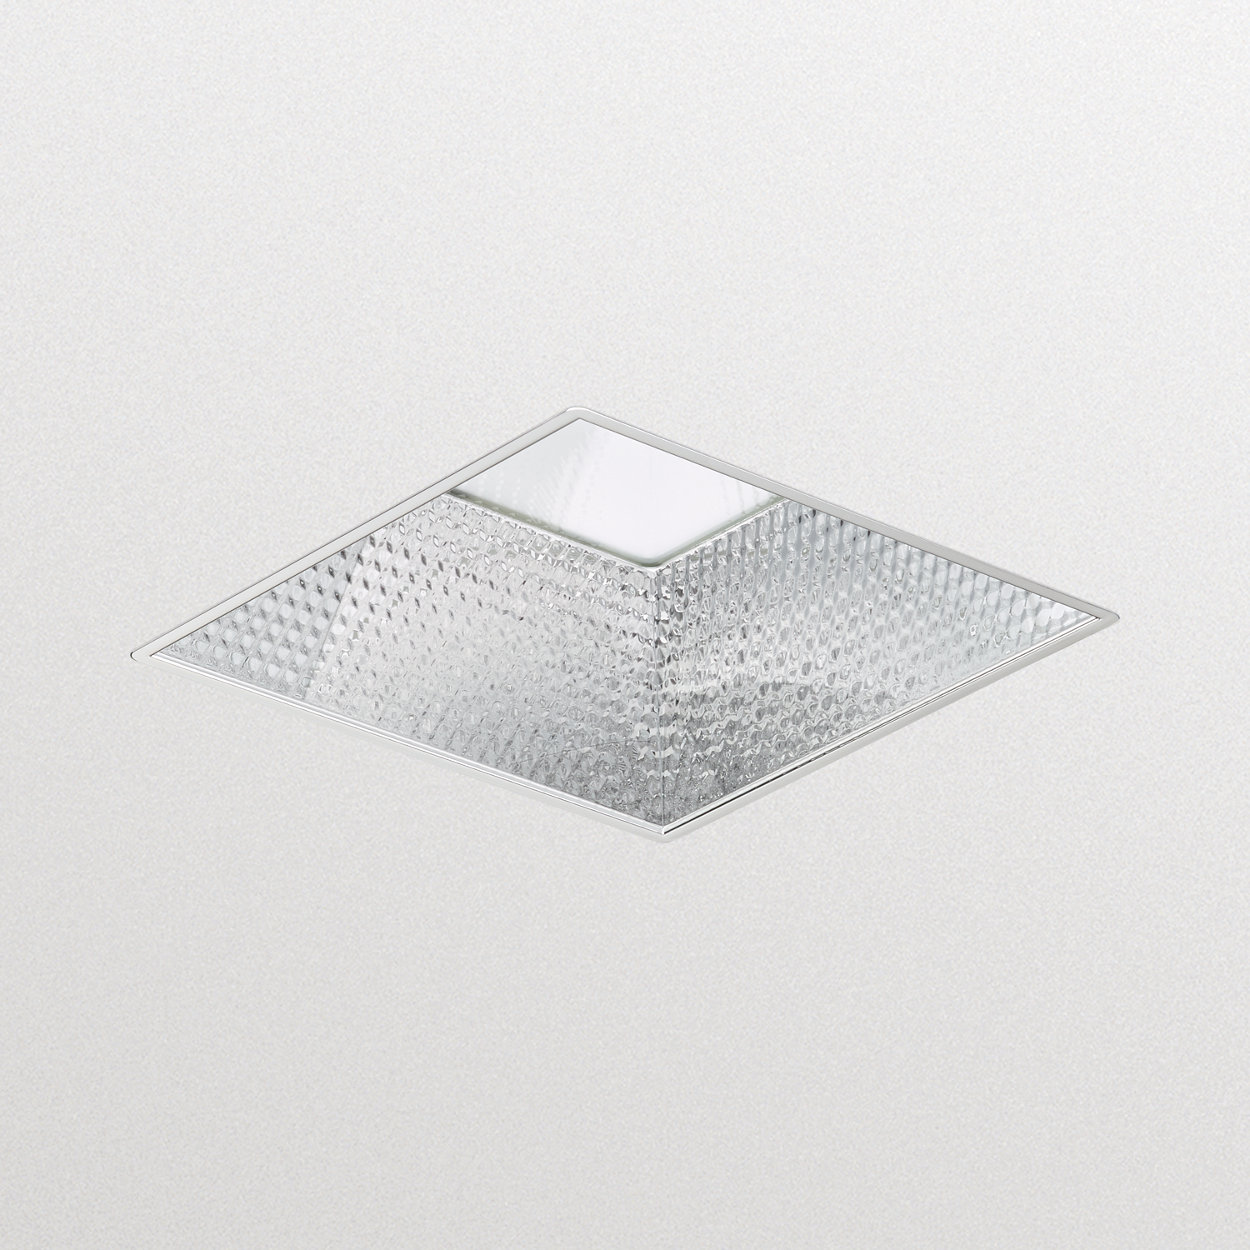 LuxSpace, vierkant, inbouw – hoog rendement, visueel comfort en stijlvol ontwerp